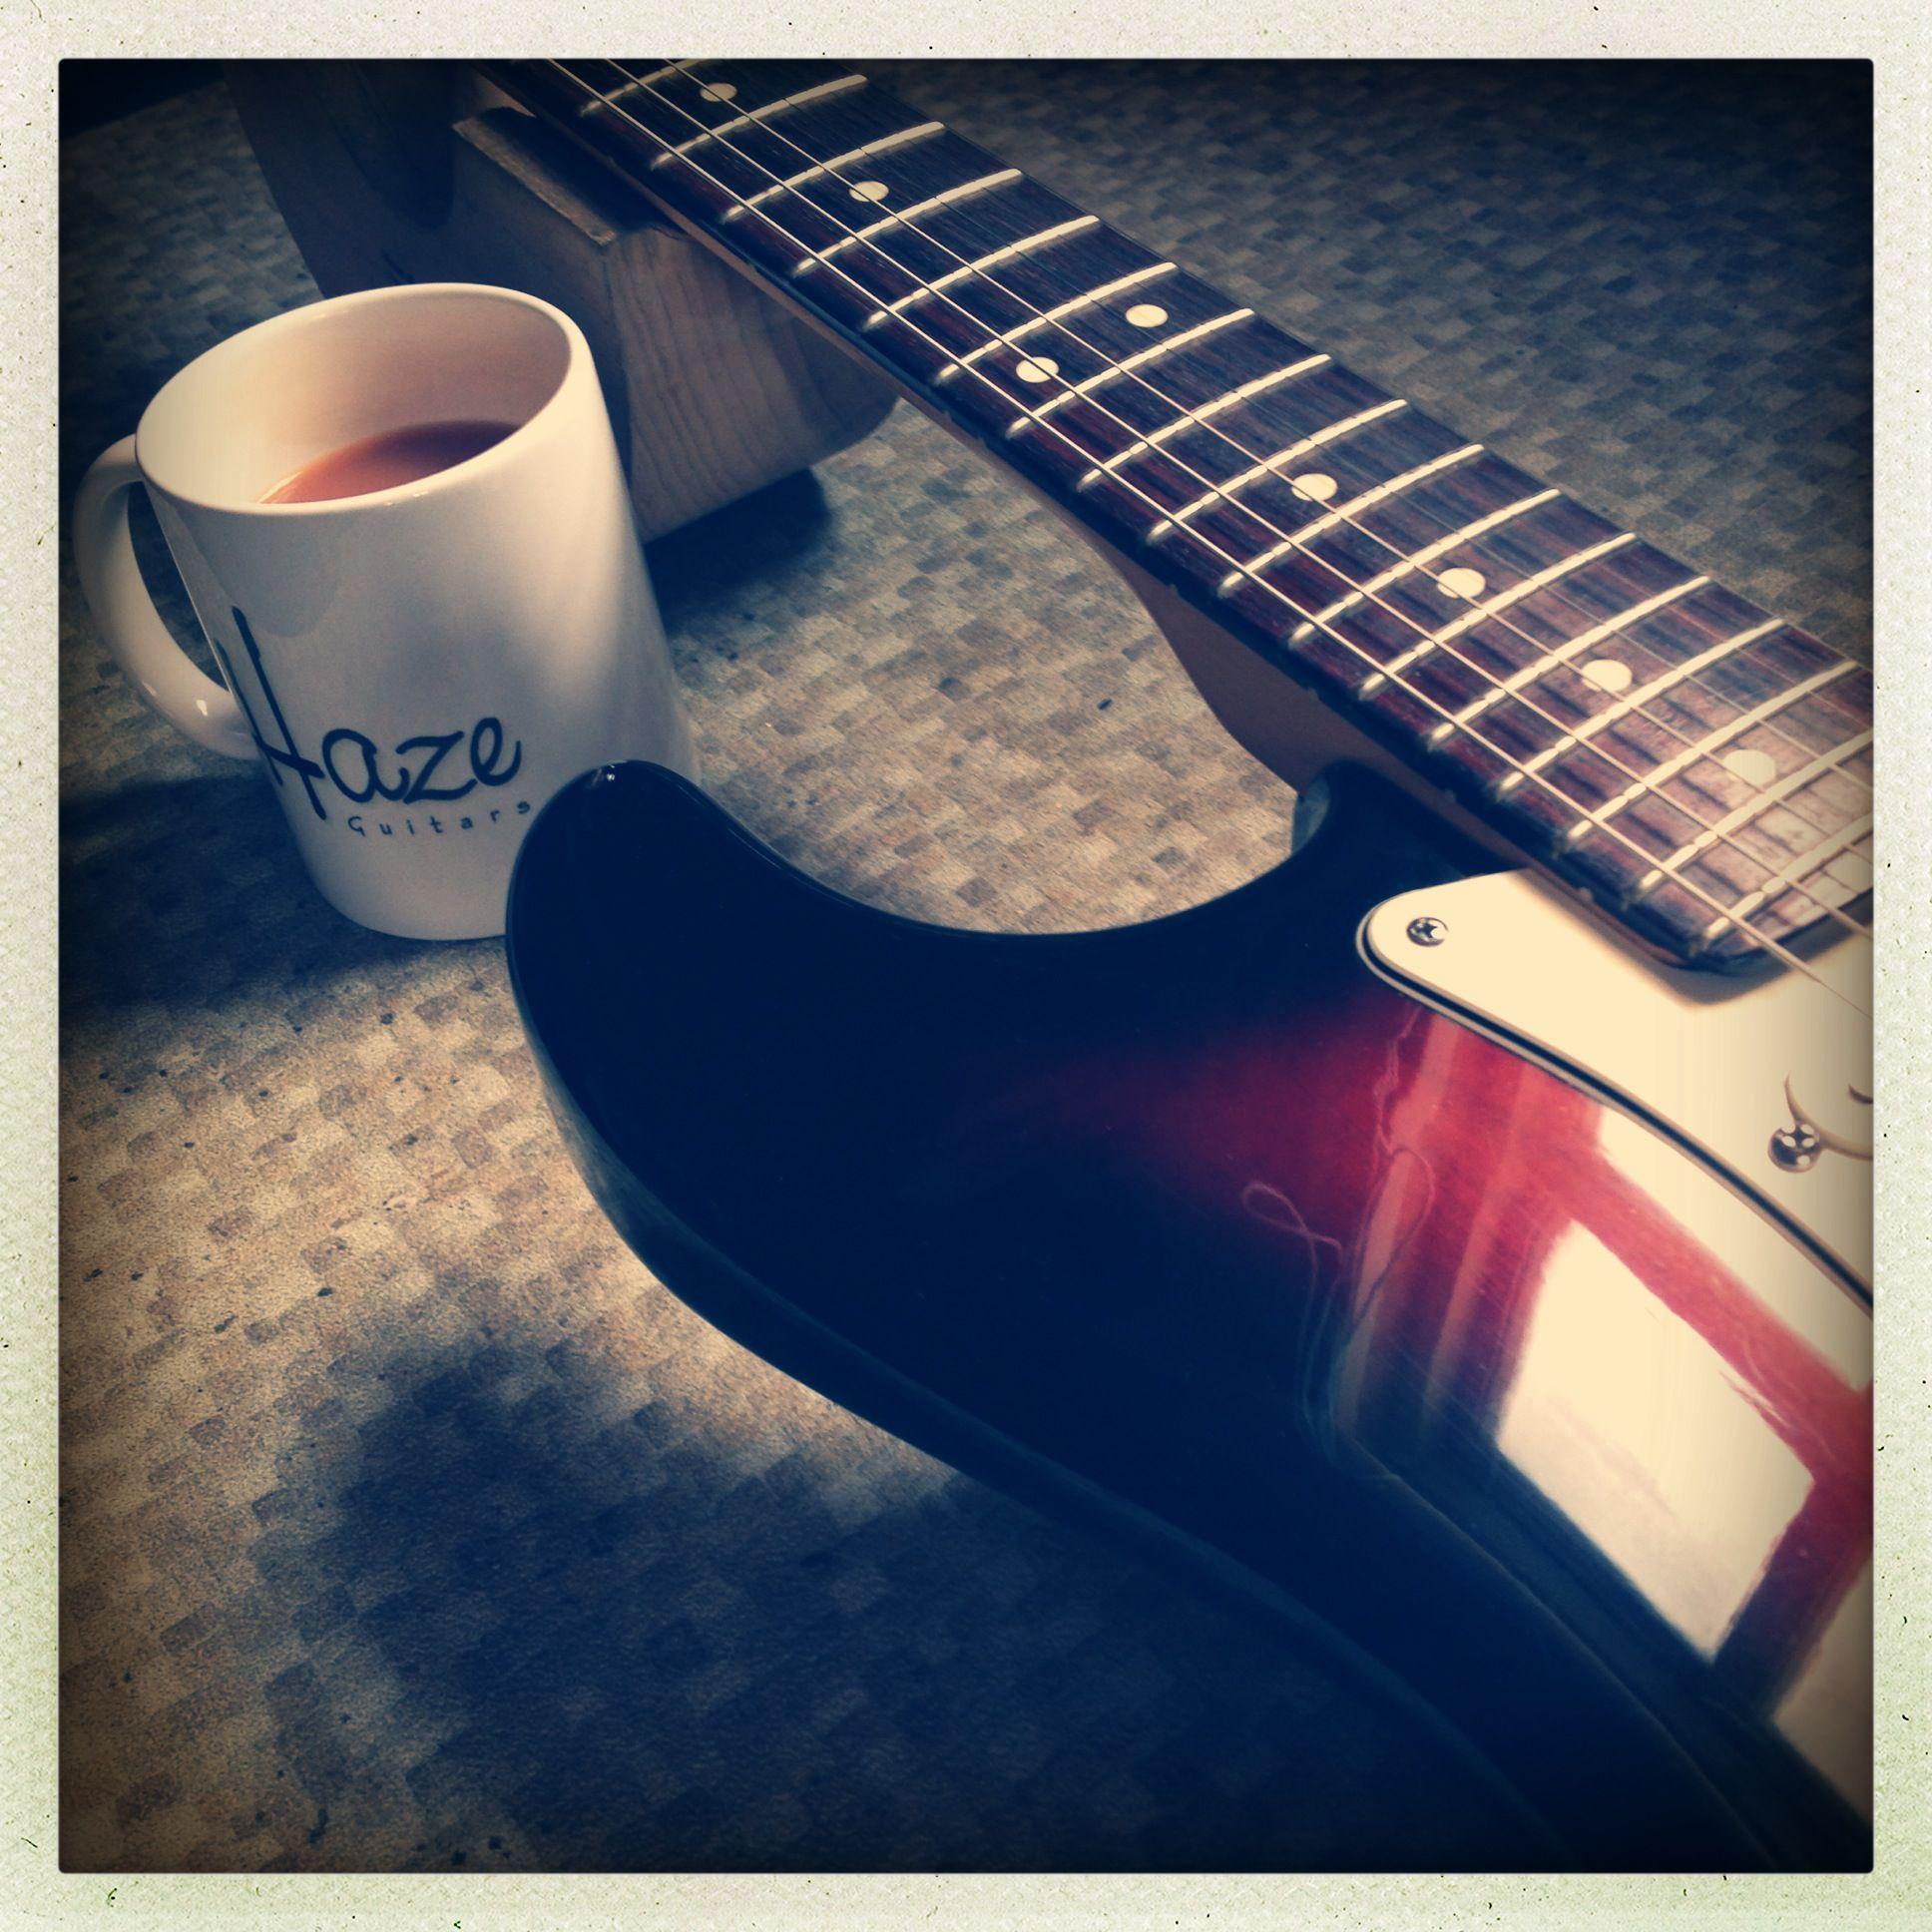 Important guitar repair tool: Tea